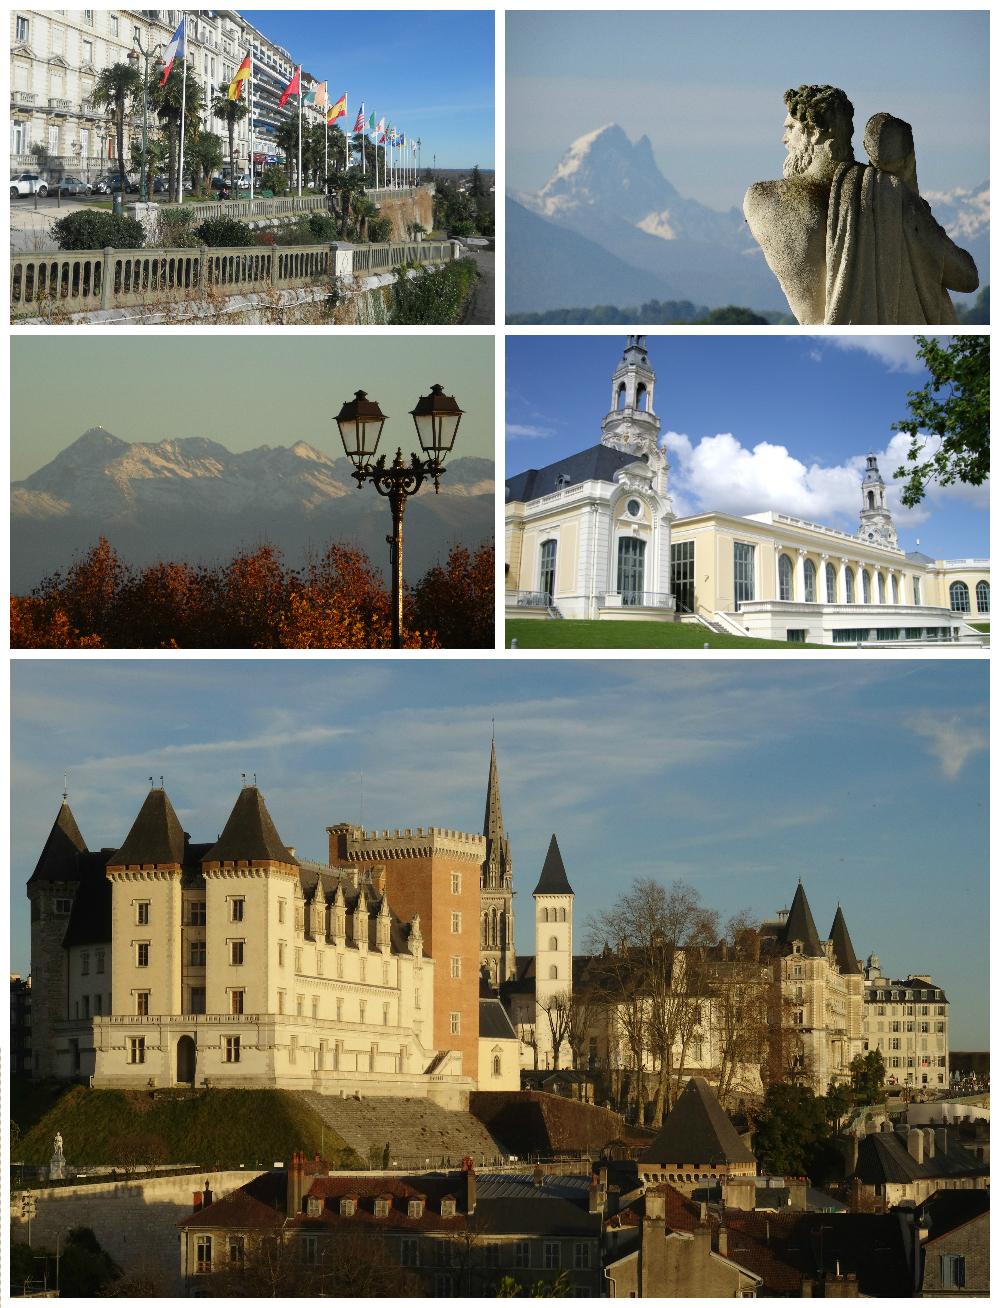 Chateau En Espagne 4 Lettres : chateau, espagne, lettres, Pyrénées-Atlantiques, Wikipedia